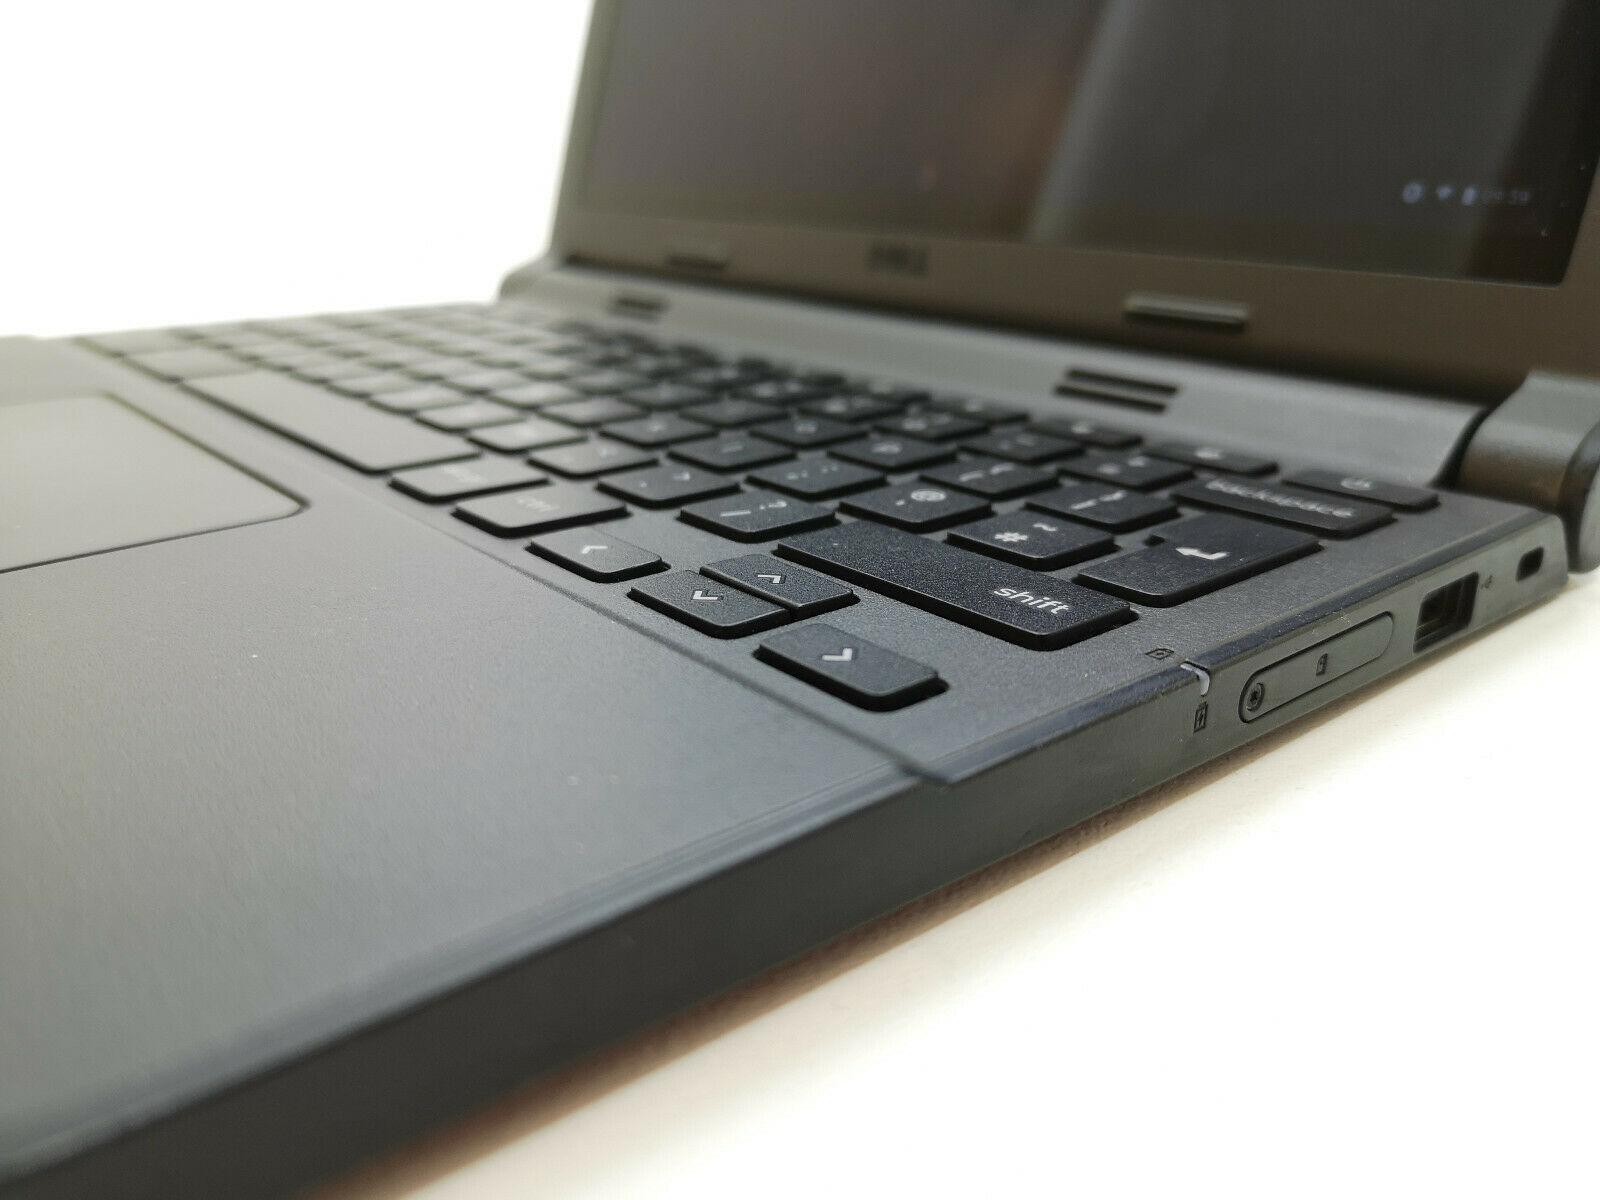 Dell Chromebook 11-3120 No 5